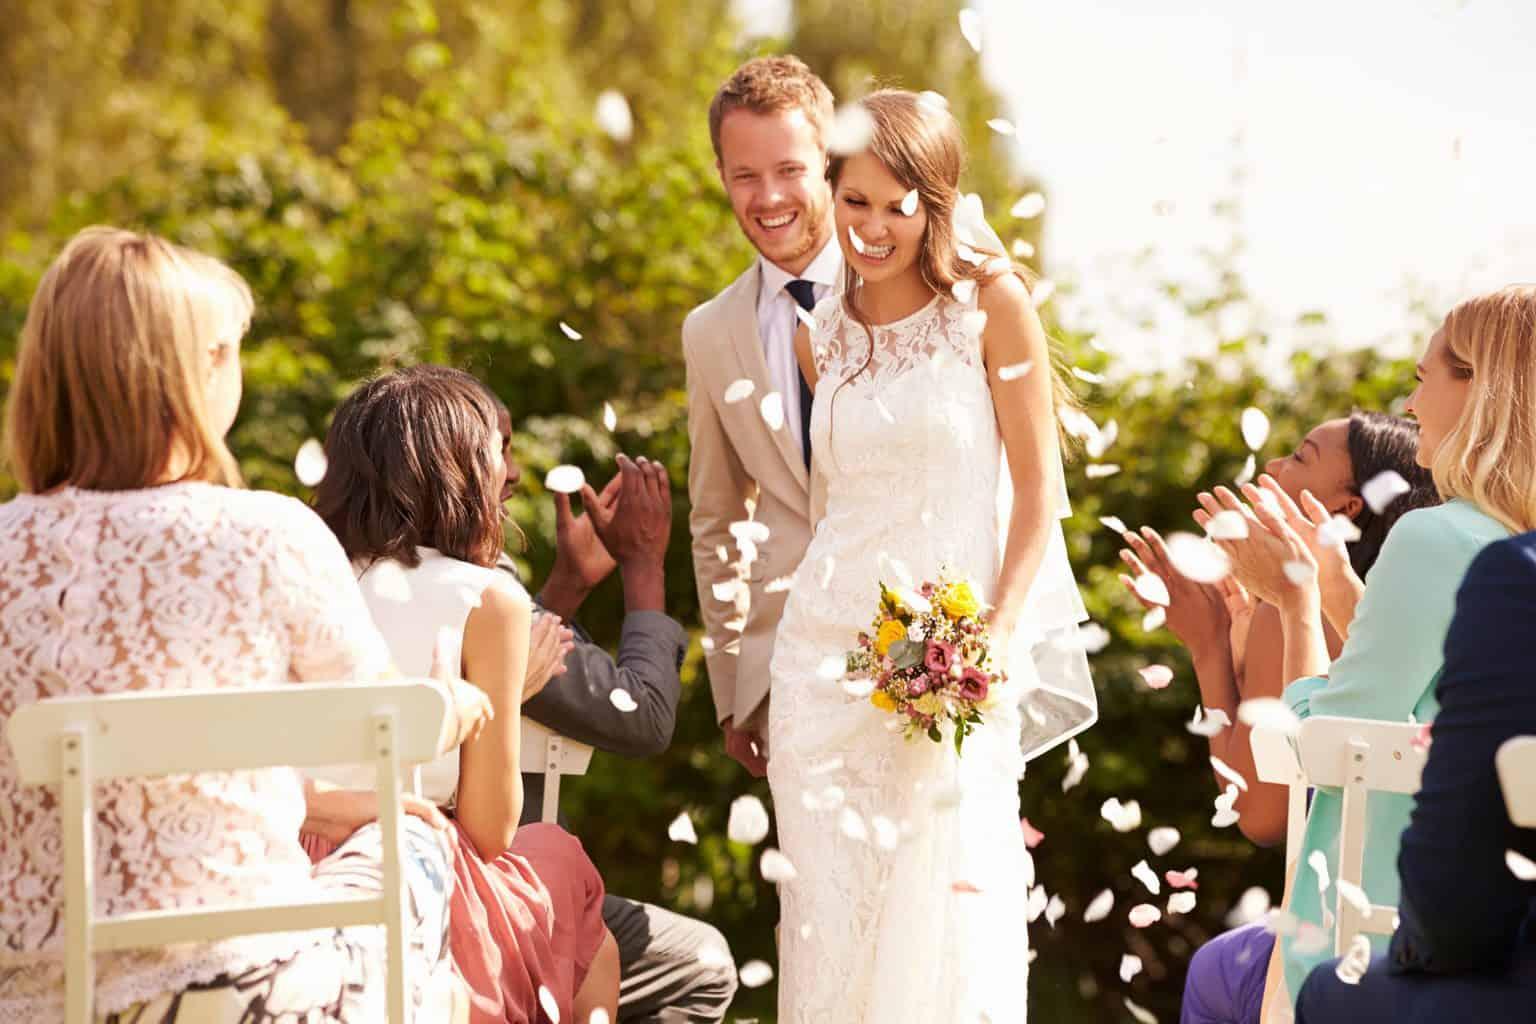 結婚式の挙式スタイル総まとめ♡教会式・人前式・神前式・仏前式の流れや費用は?のカバー写真